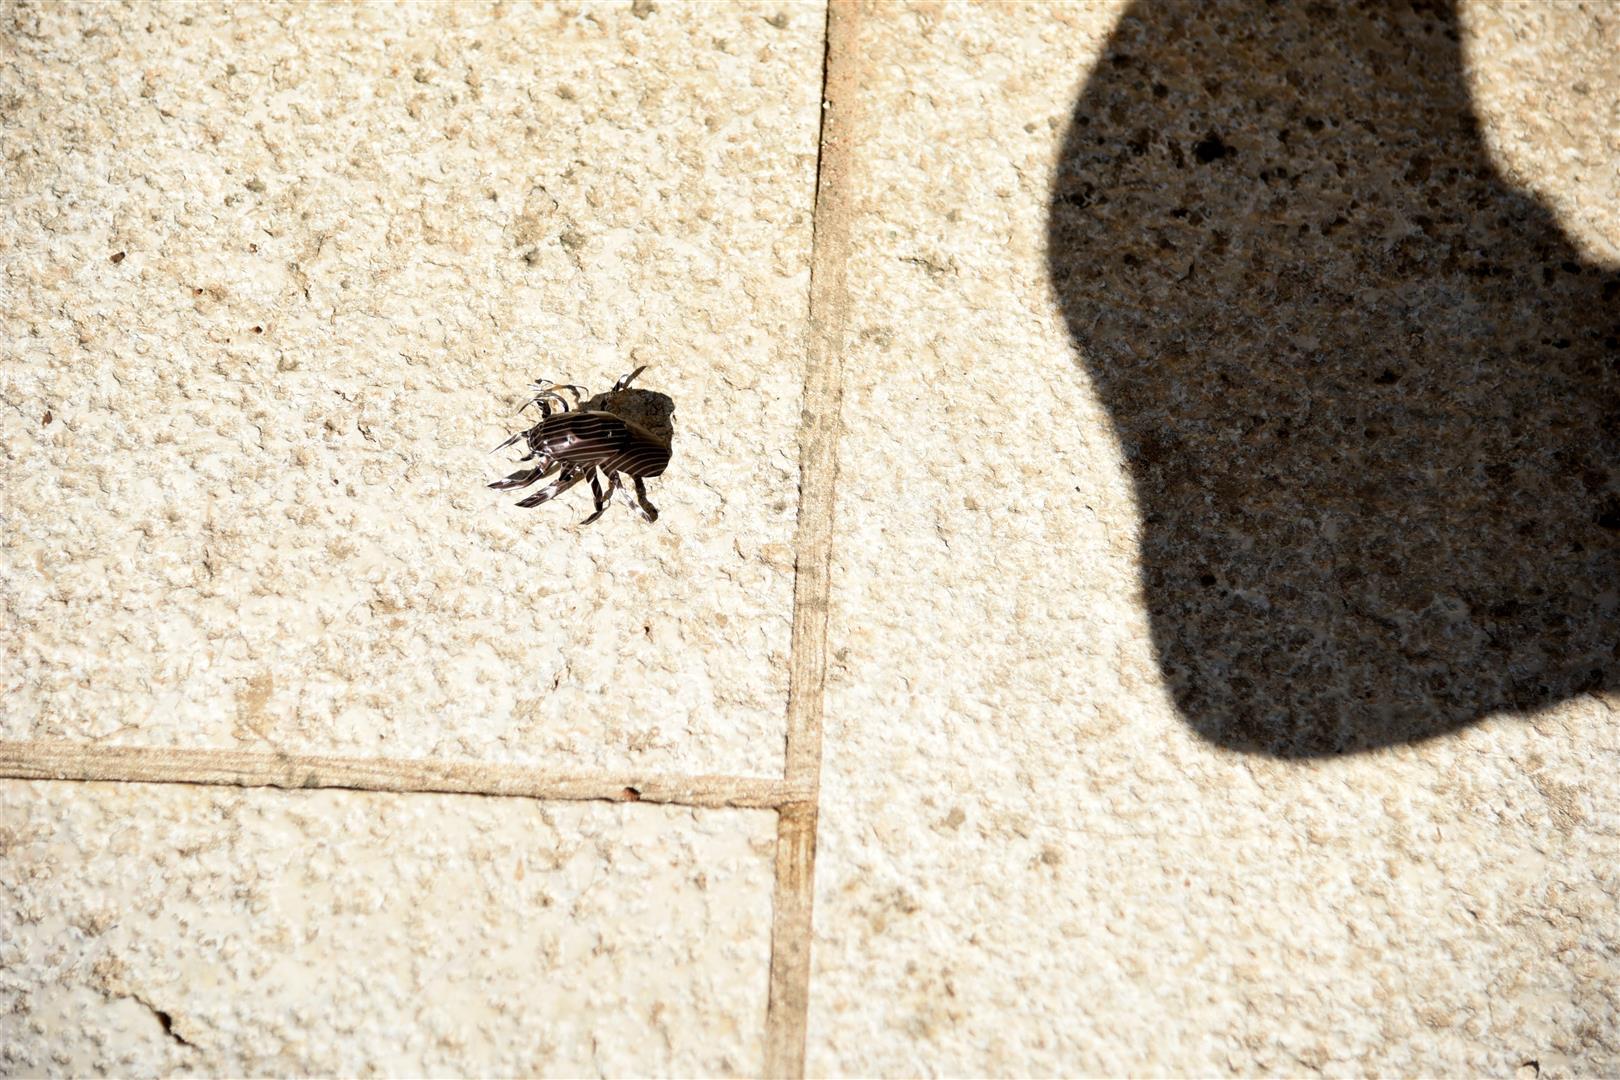 אל תמהרו לדרוך על החרקים - חישבו כאילו אתם במקומם...